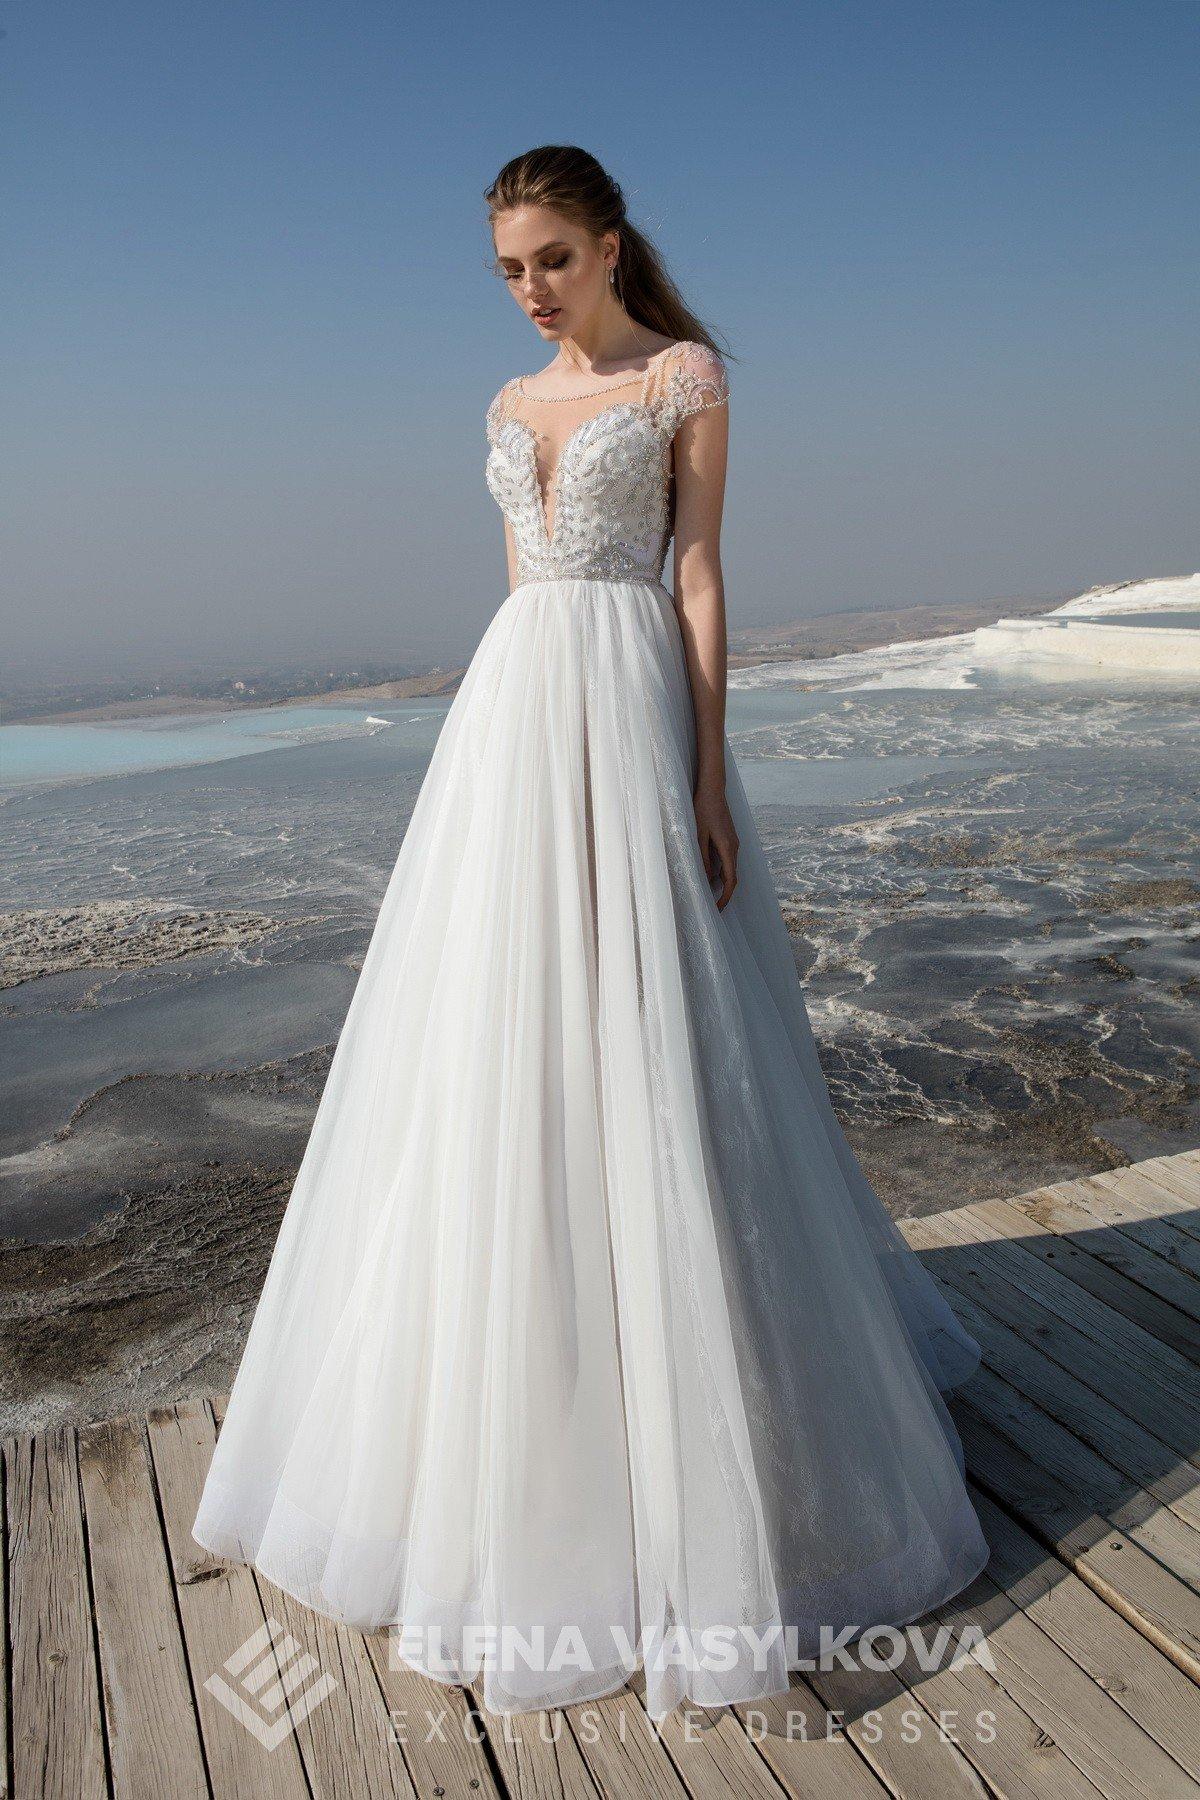 Платья для невесты картинки, открытки